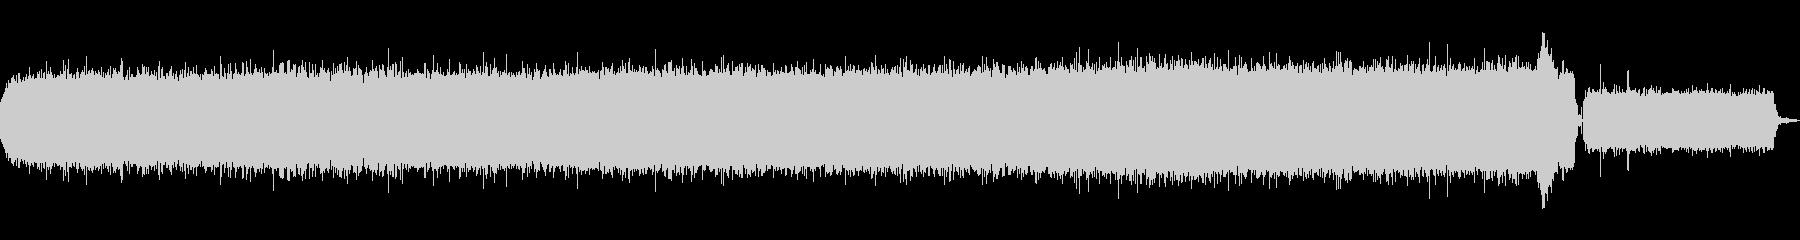 家庭用精米機の音の未再生の波形